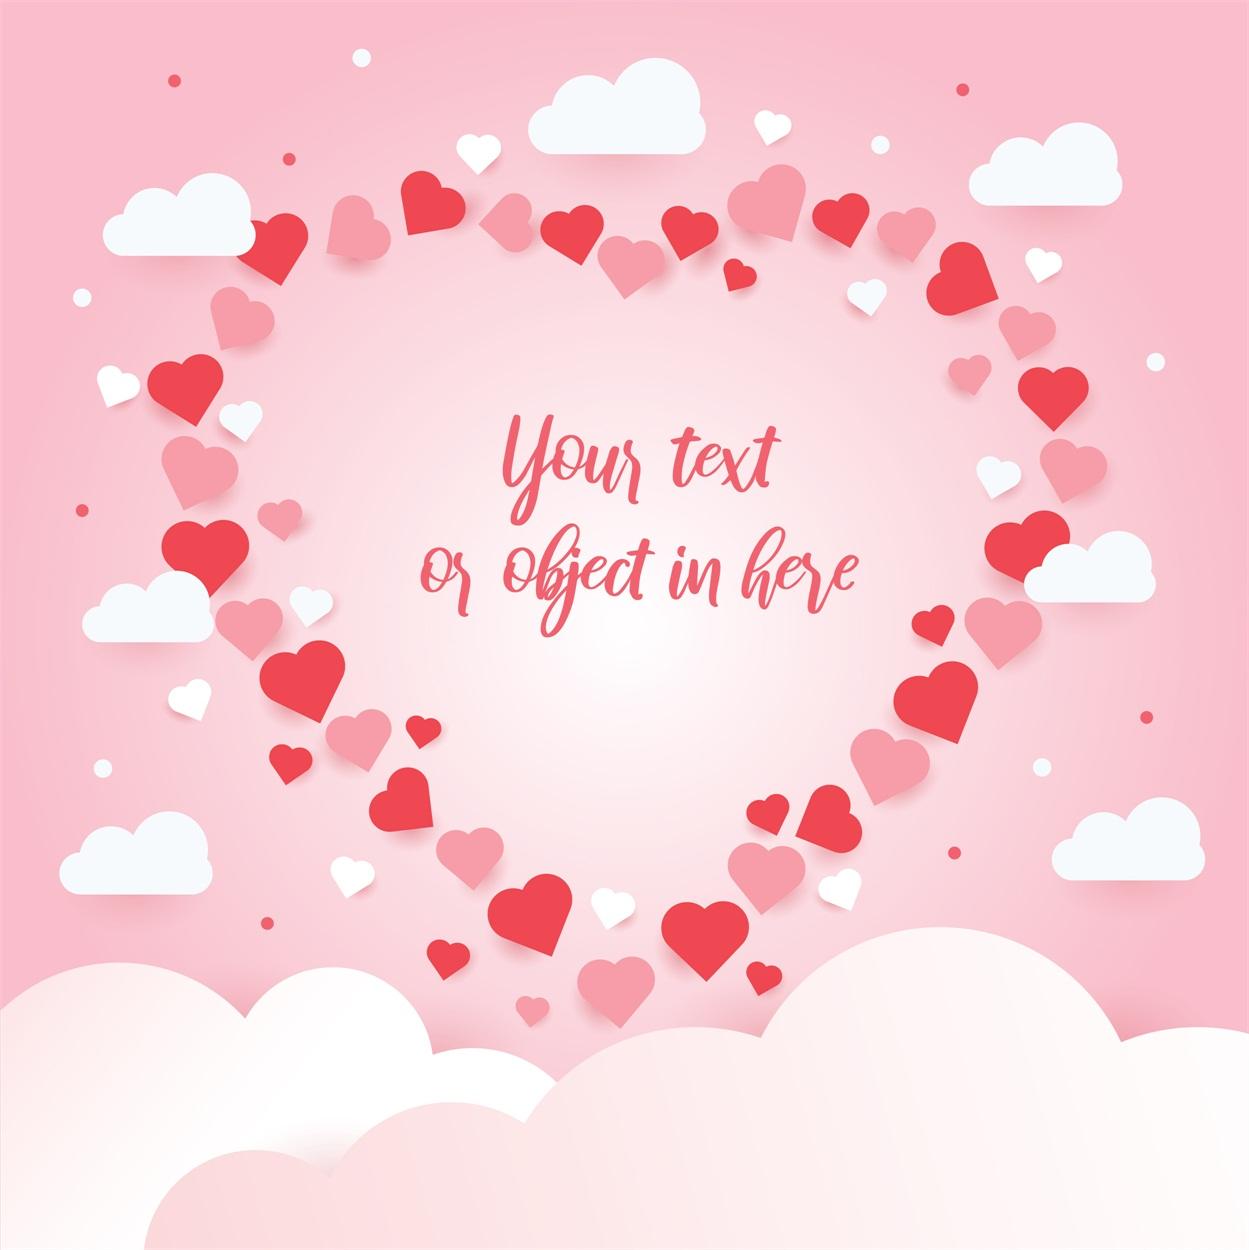 22款情人节七夕节购物促销海报传单设计AI矢量素材 Valentines day Poster Vector Material插图3